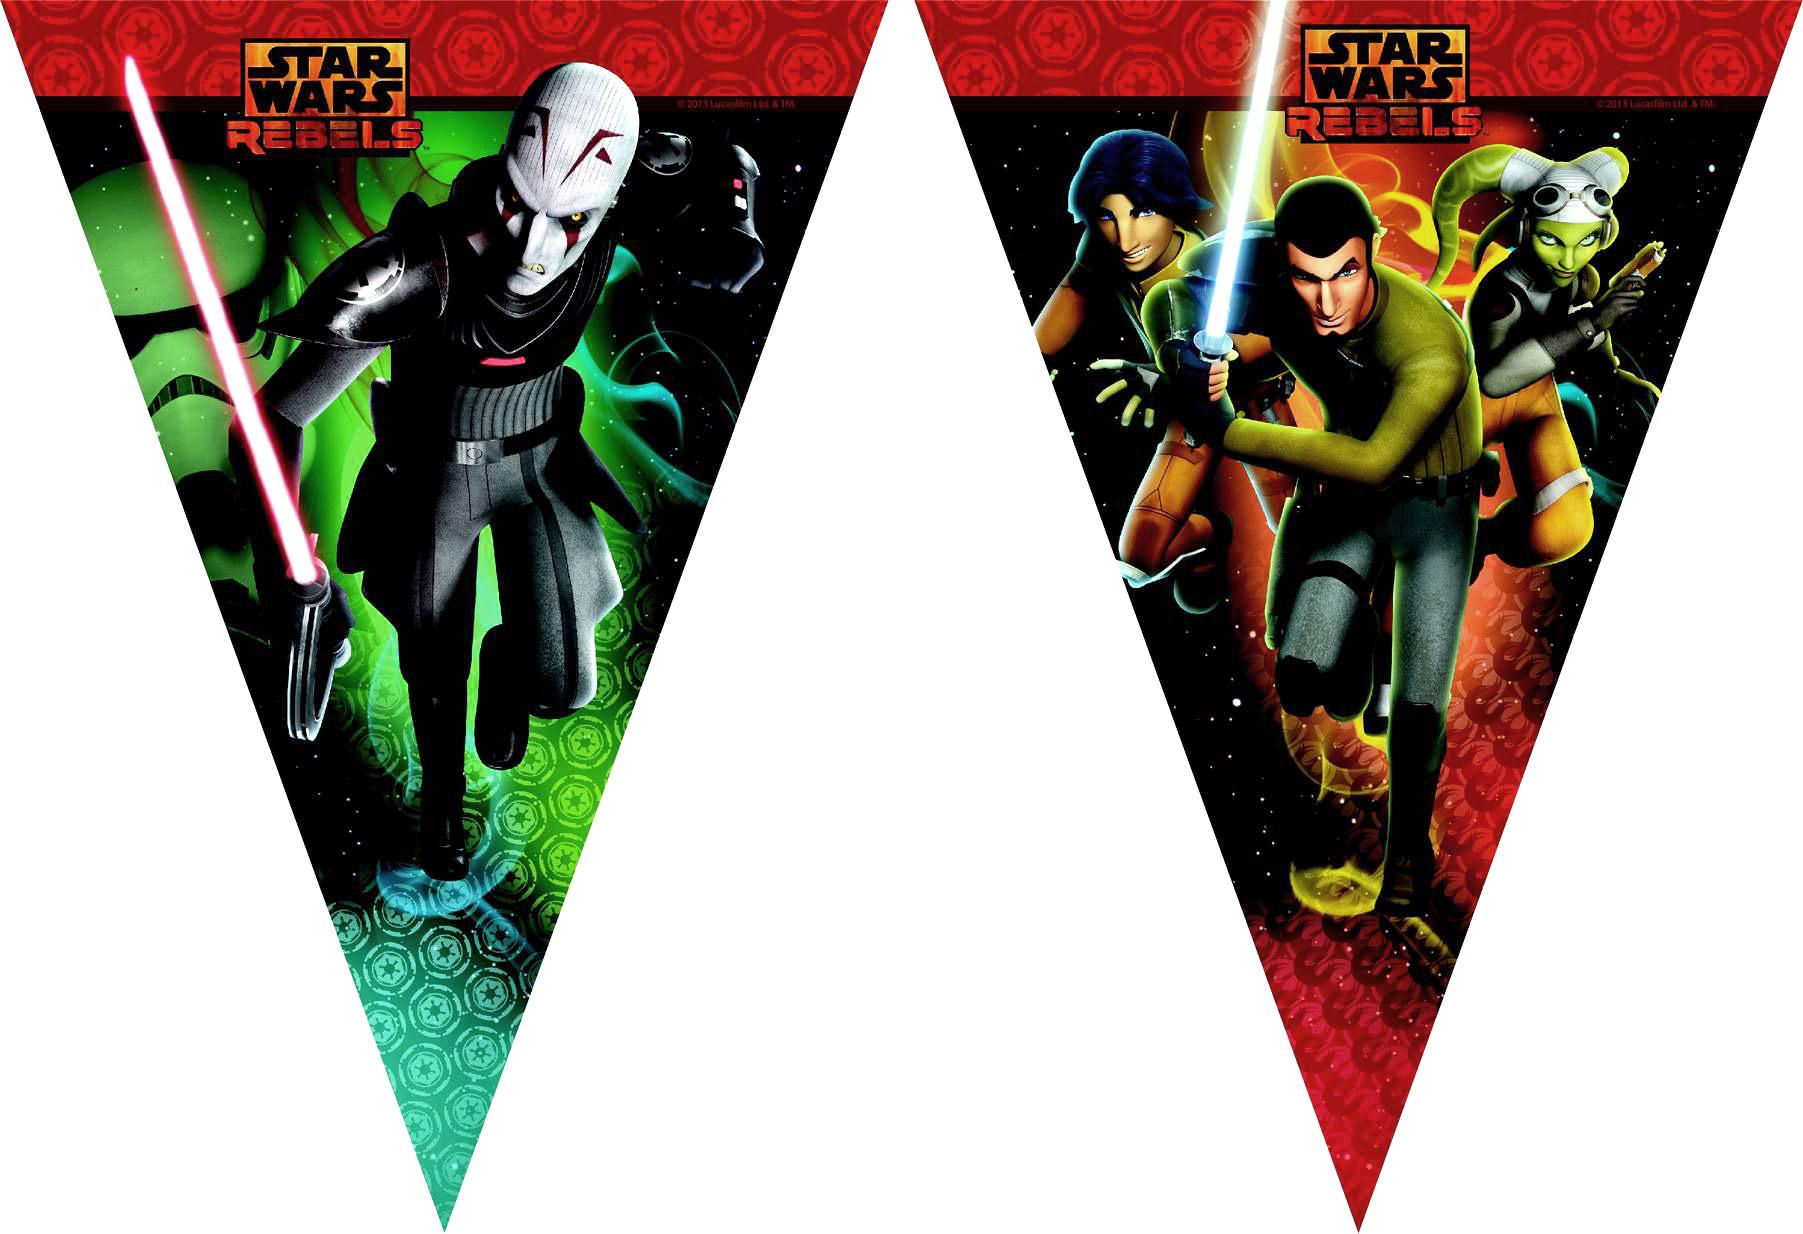 Super Pack Anniversaire Star Wars Rebels D Coration Anniversaire Et F Tes Th Me Sur Vegaoo Party